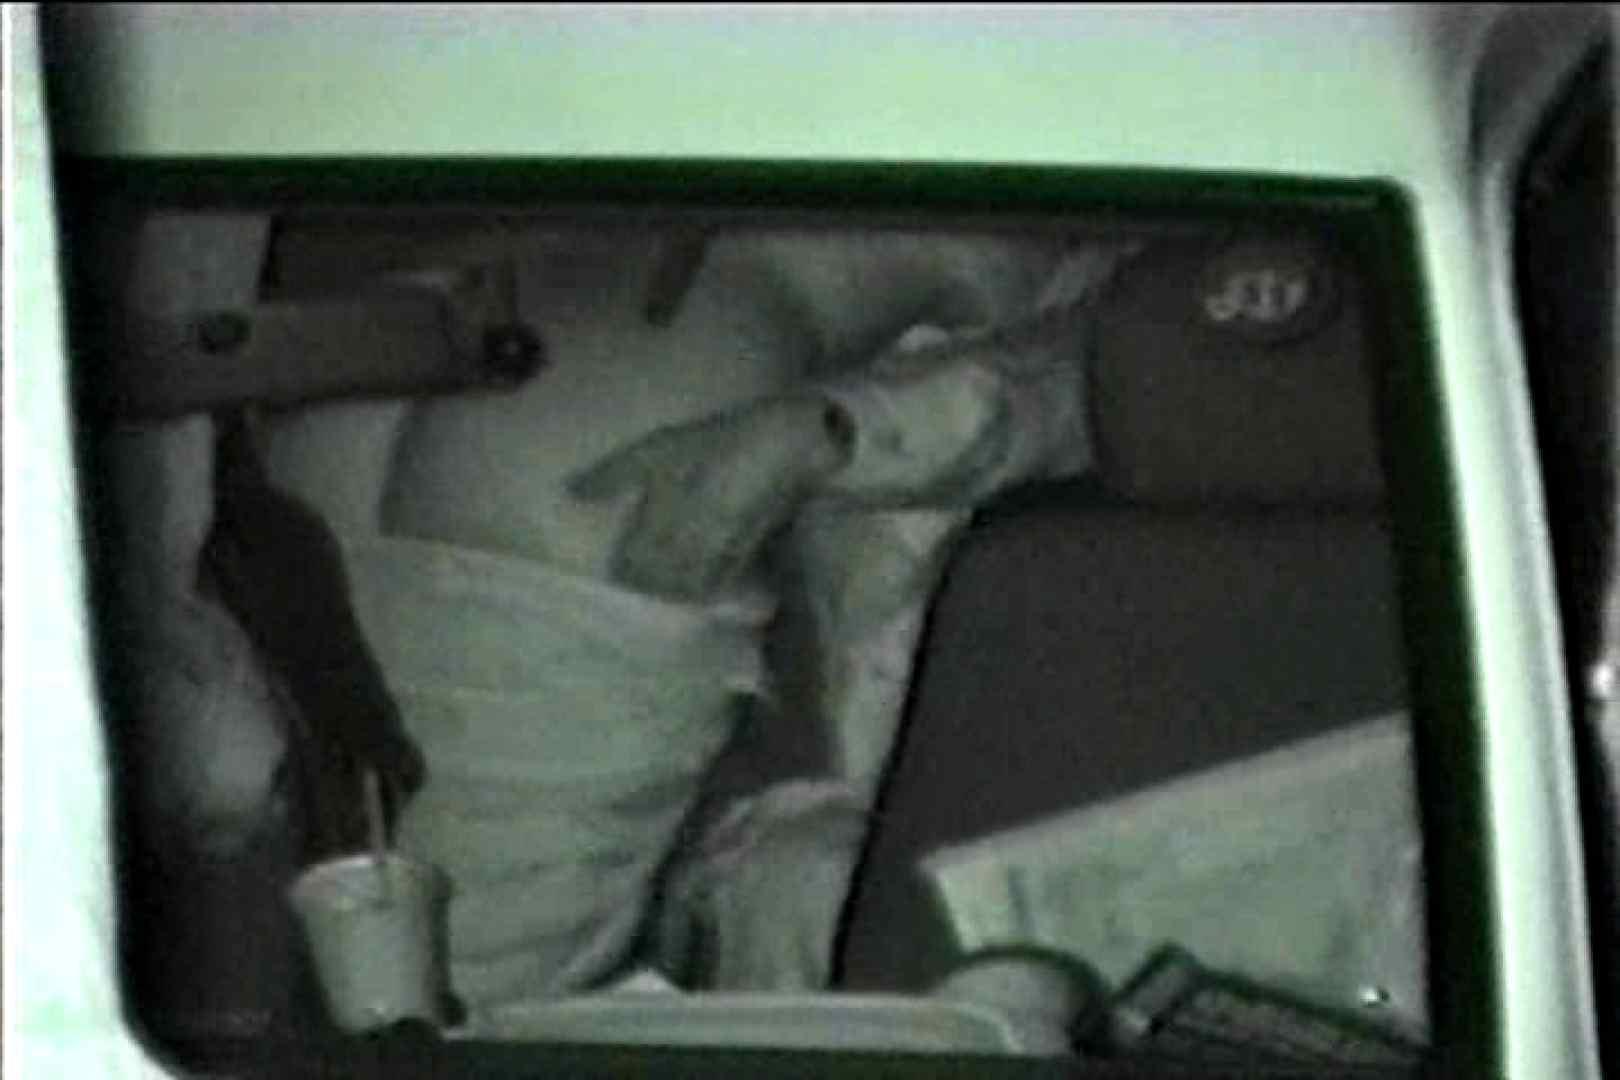 車の中はラブホテル 無修正版  Vol.7 カーセックス | 接写  59画像 9